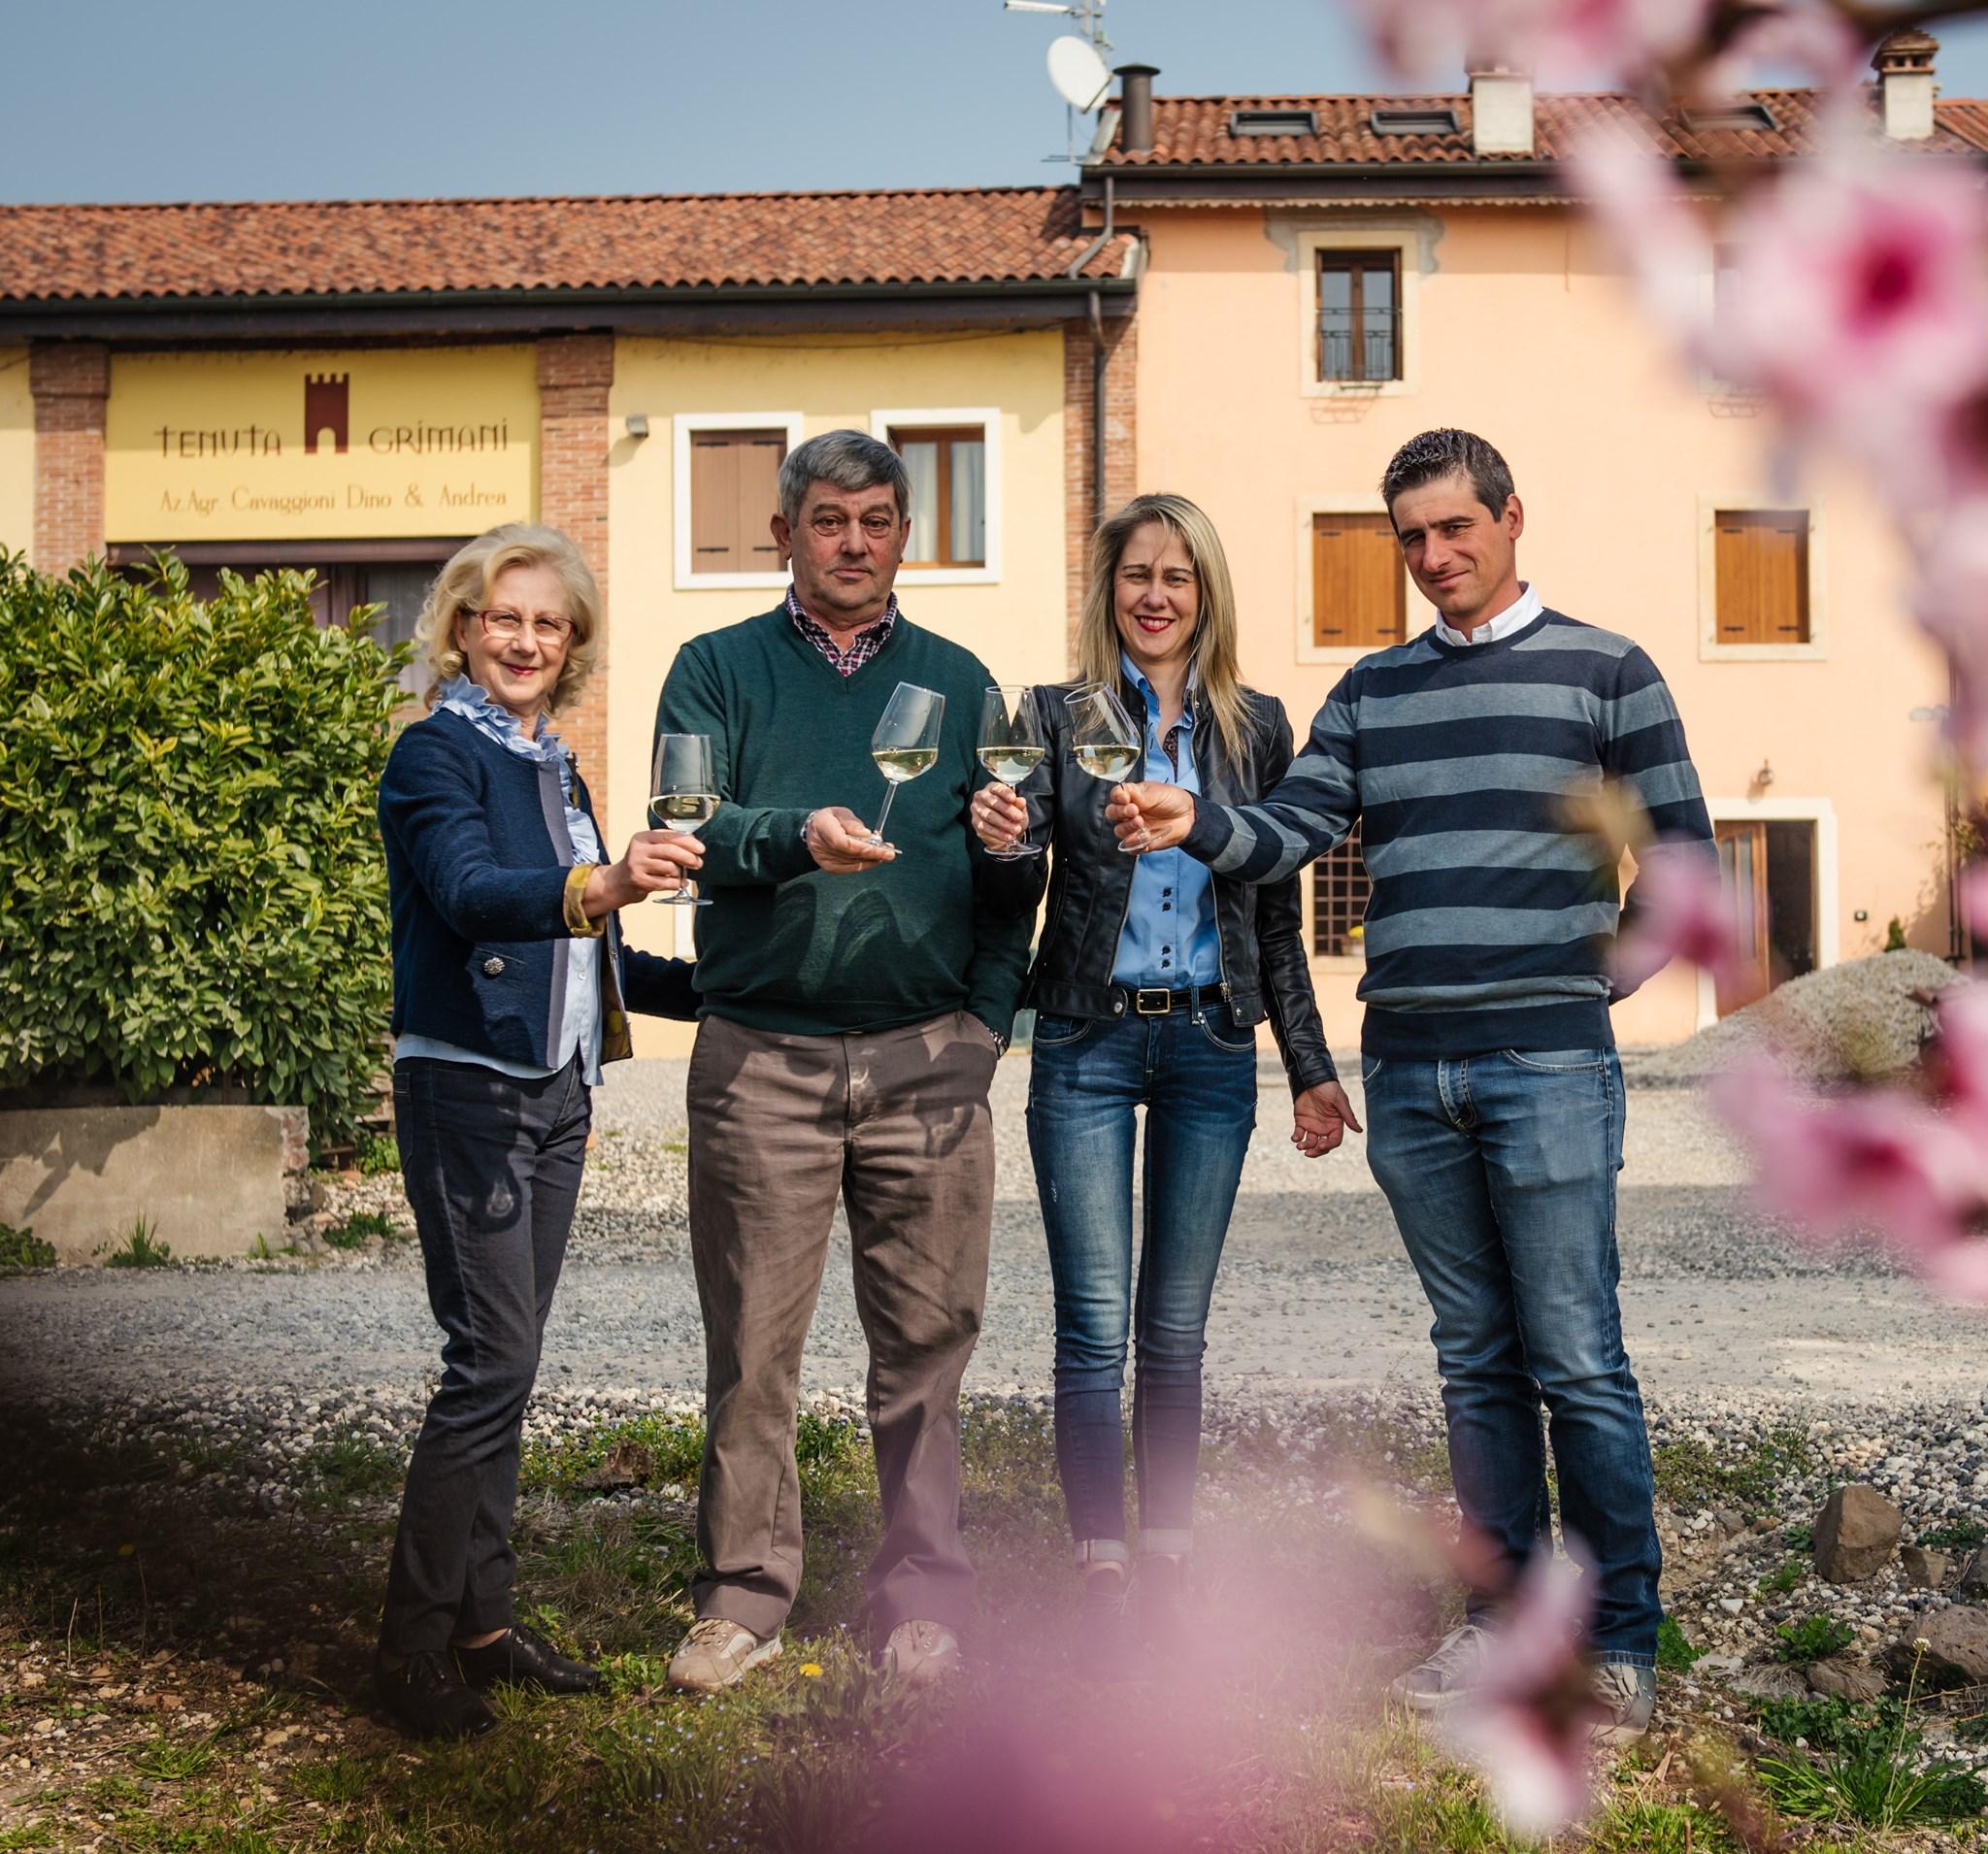 TENUTA GRIMANI Soc.Agr. Cavaggioni Dino & Andrea S.S.